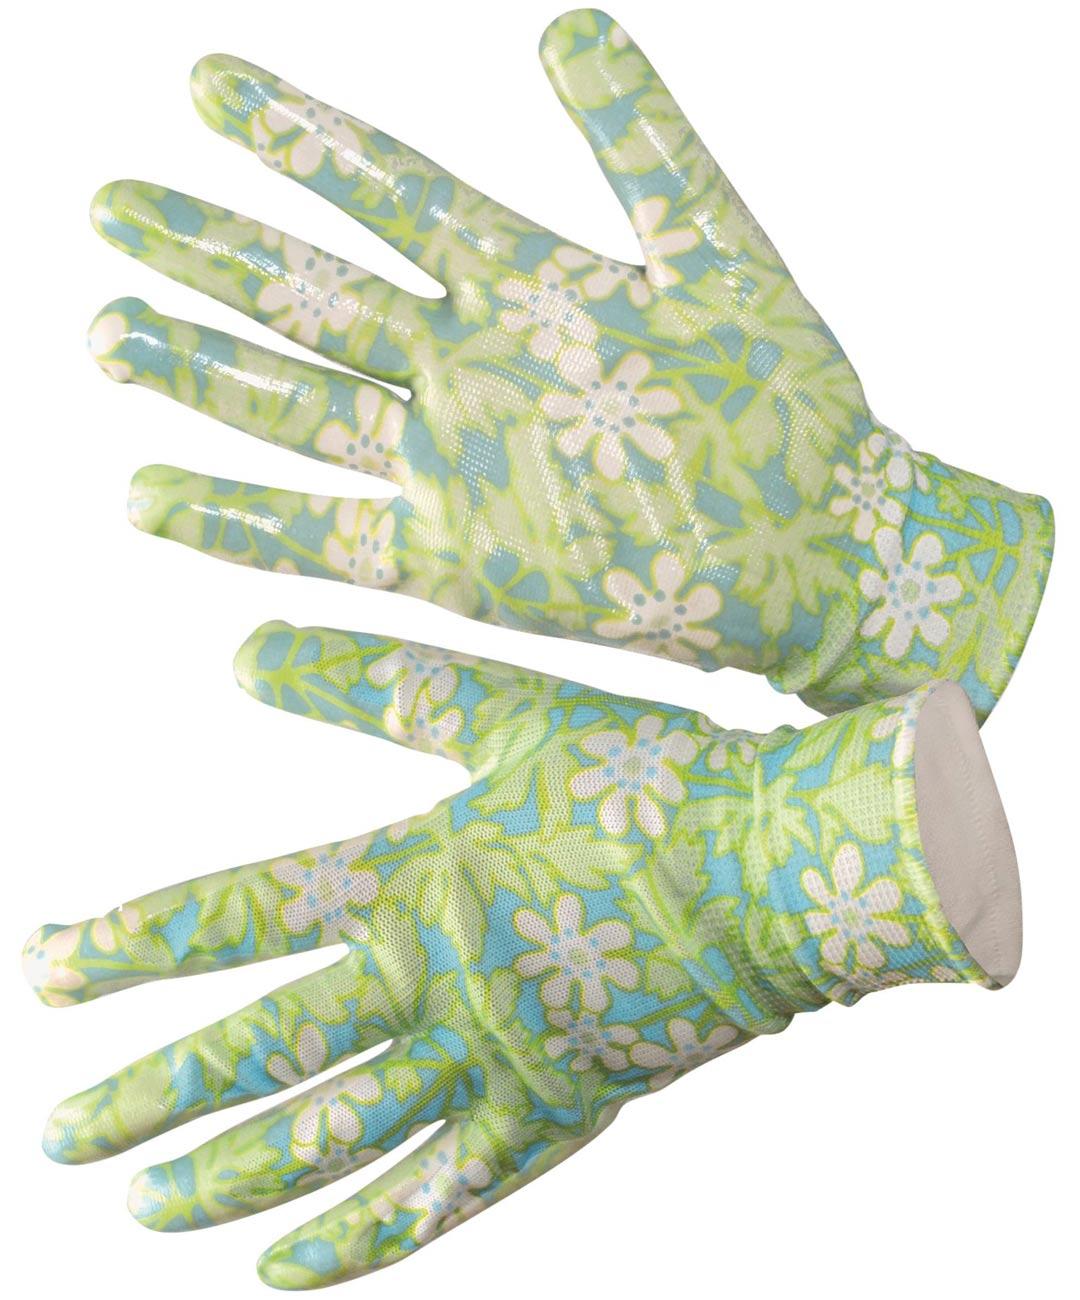 Mukavissa puutarhakäsineissä kelpaa puuhastella. Gunnel Ginsburgin suunnittelema retrokuvioinen, saumaton polyesterineulos läpikuultavalla nitriilipinnoitteella noin 5 e, Nelson Garden. Värinä myös rosa.